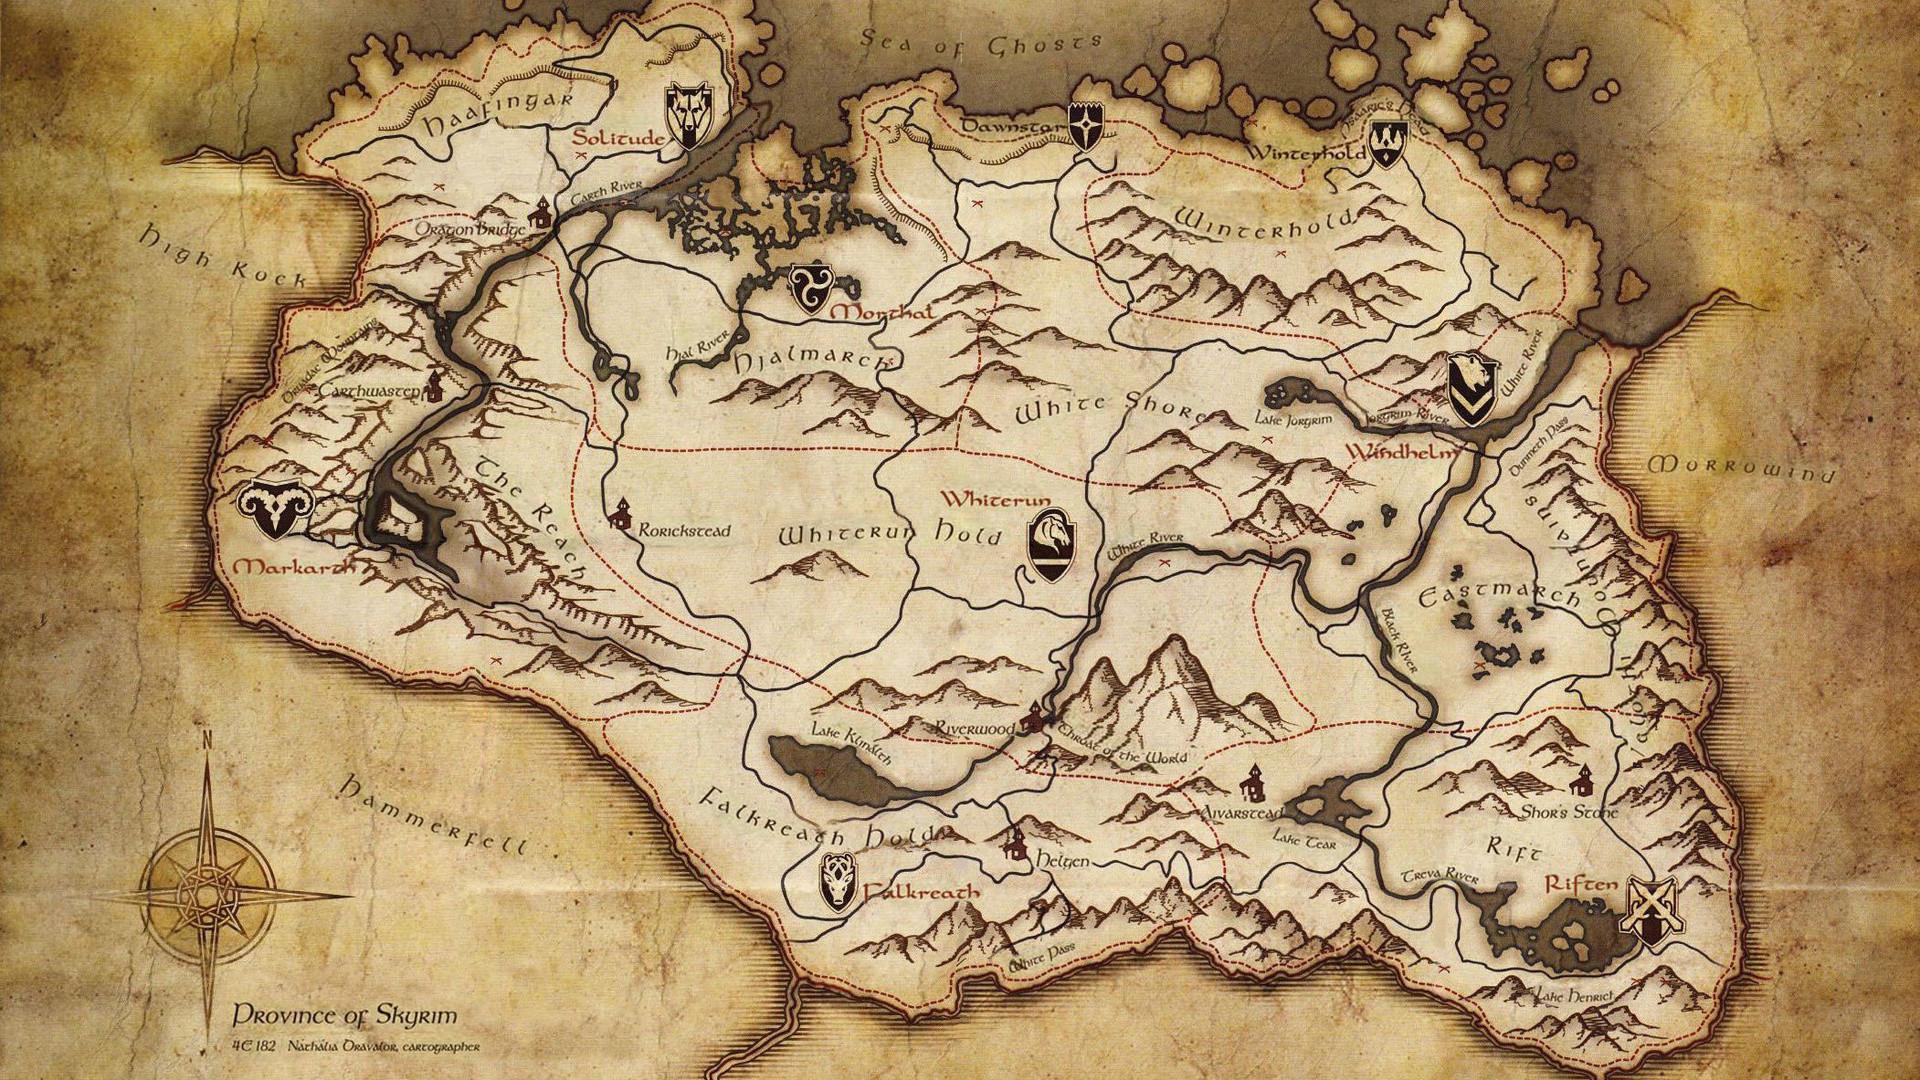 Res: 1920x1080, Paper, The Elder Scrolls V, Skyrim, Old, Map